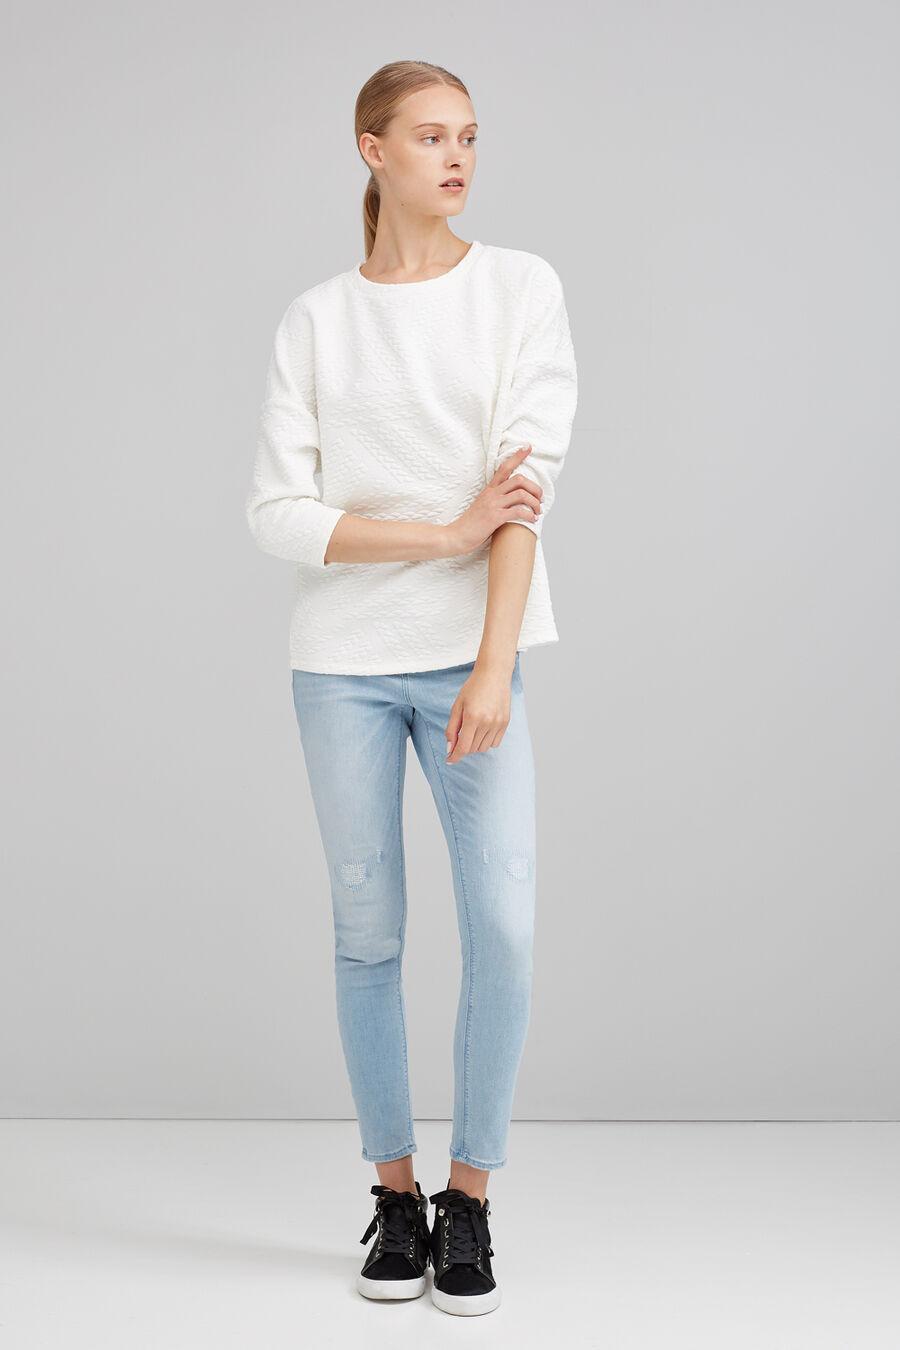 Braided structured sweatshirt